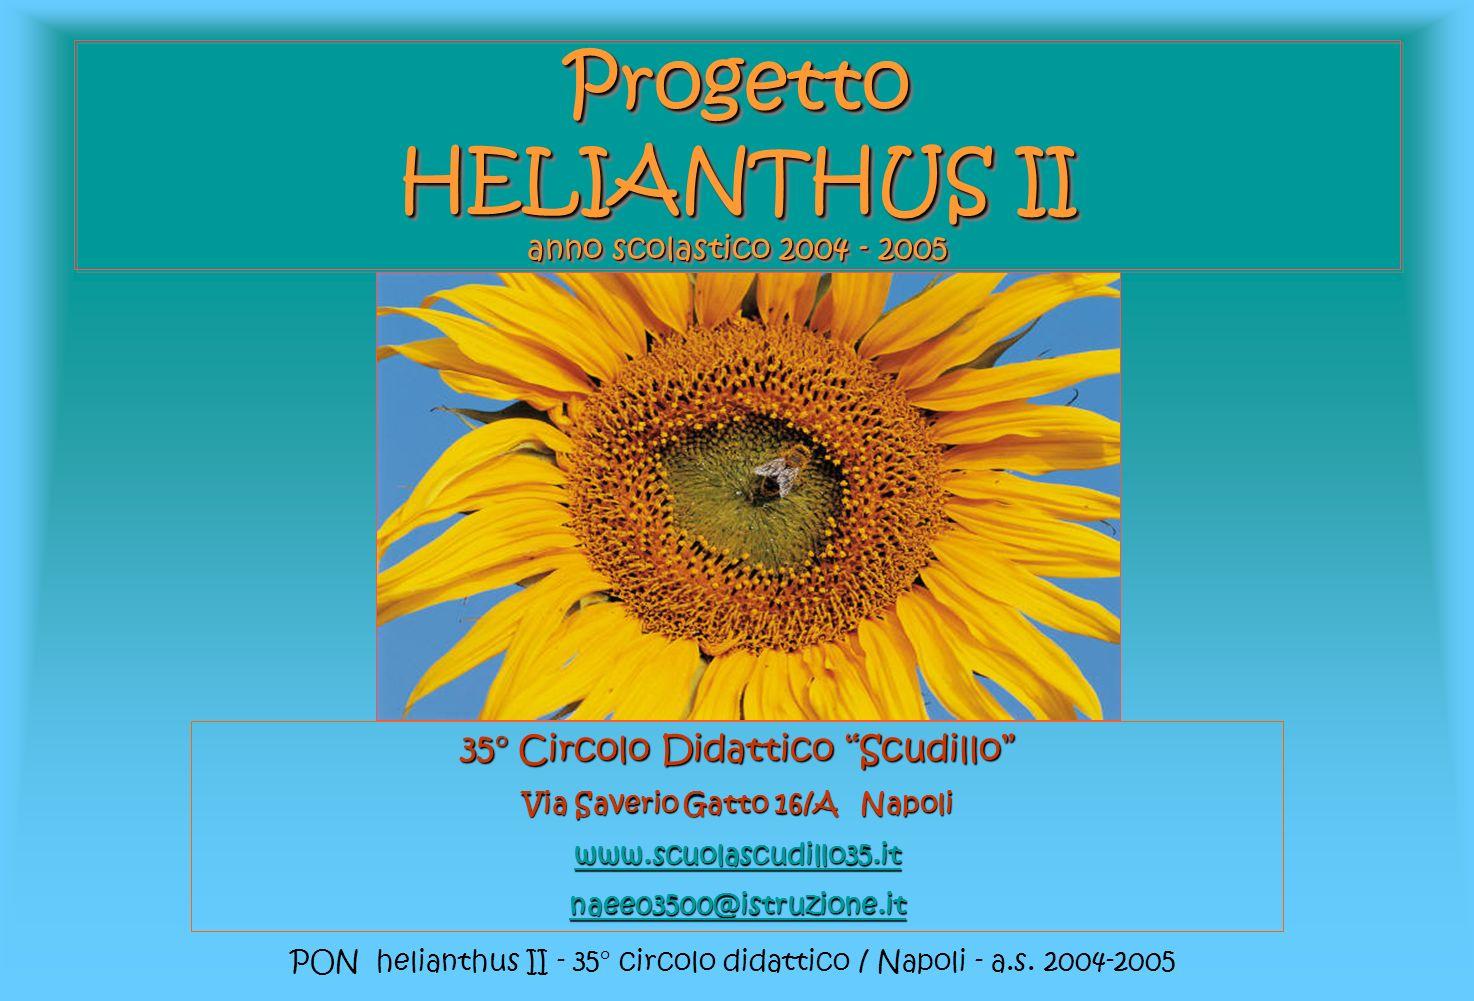 Progetto HELIANTHUS II anno scolastico 2004 - 2005